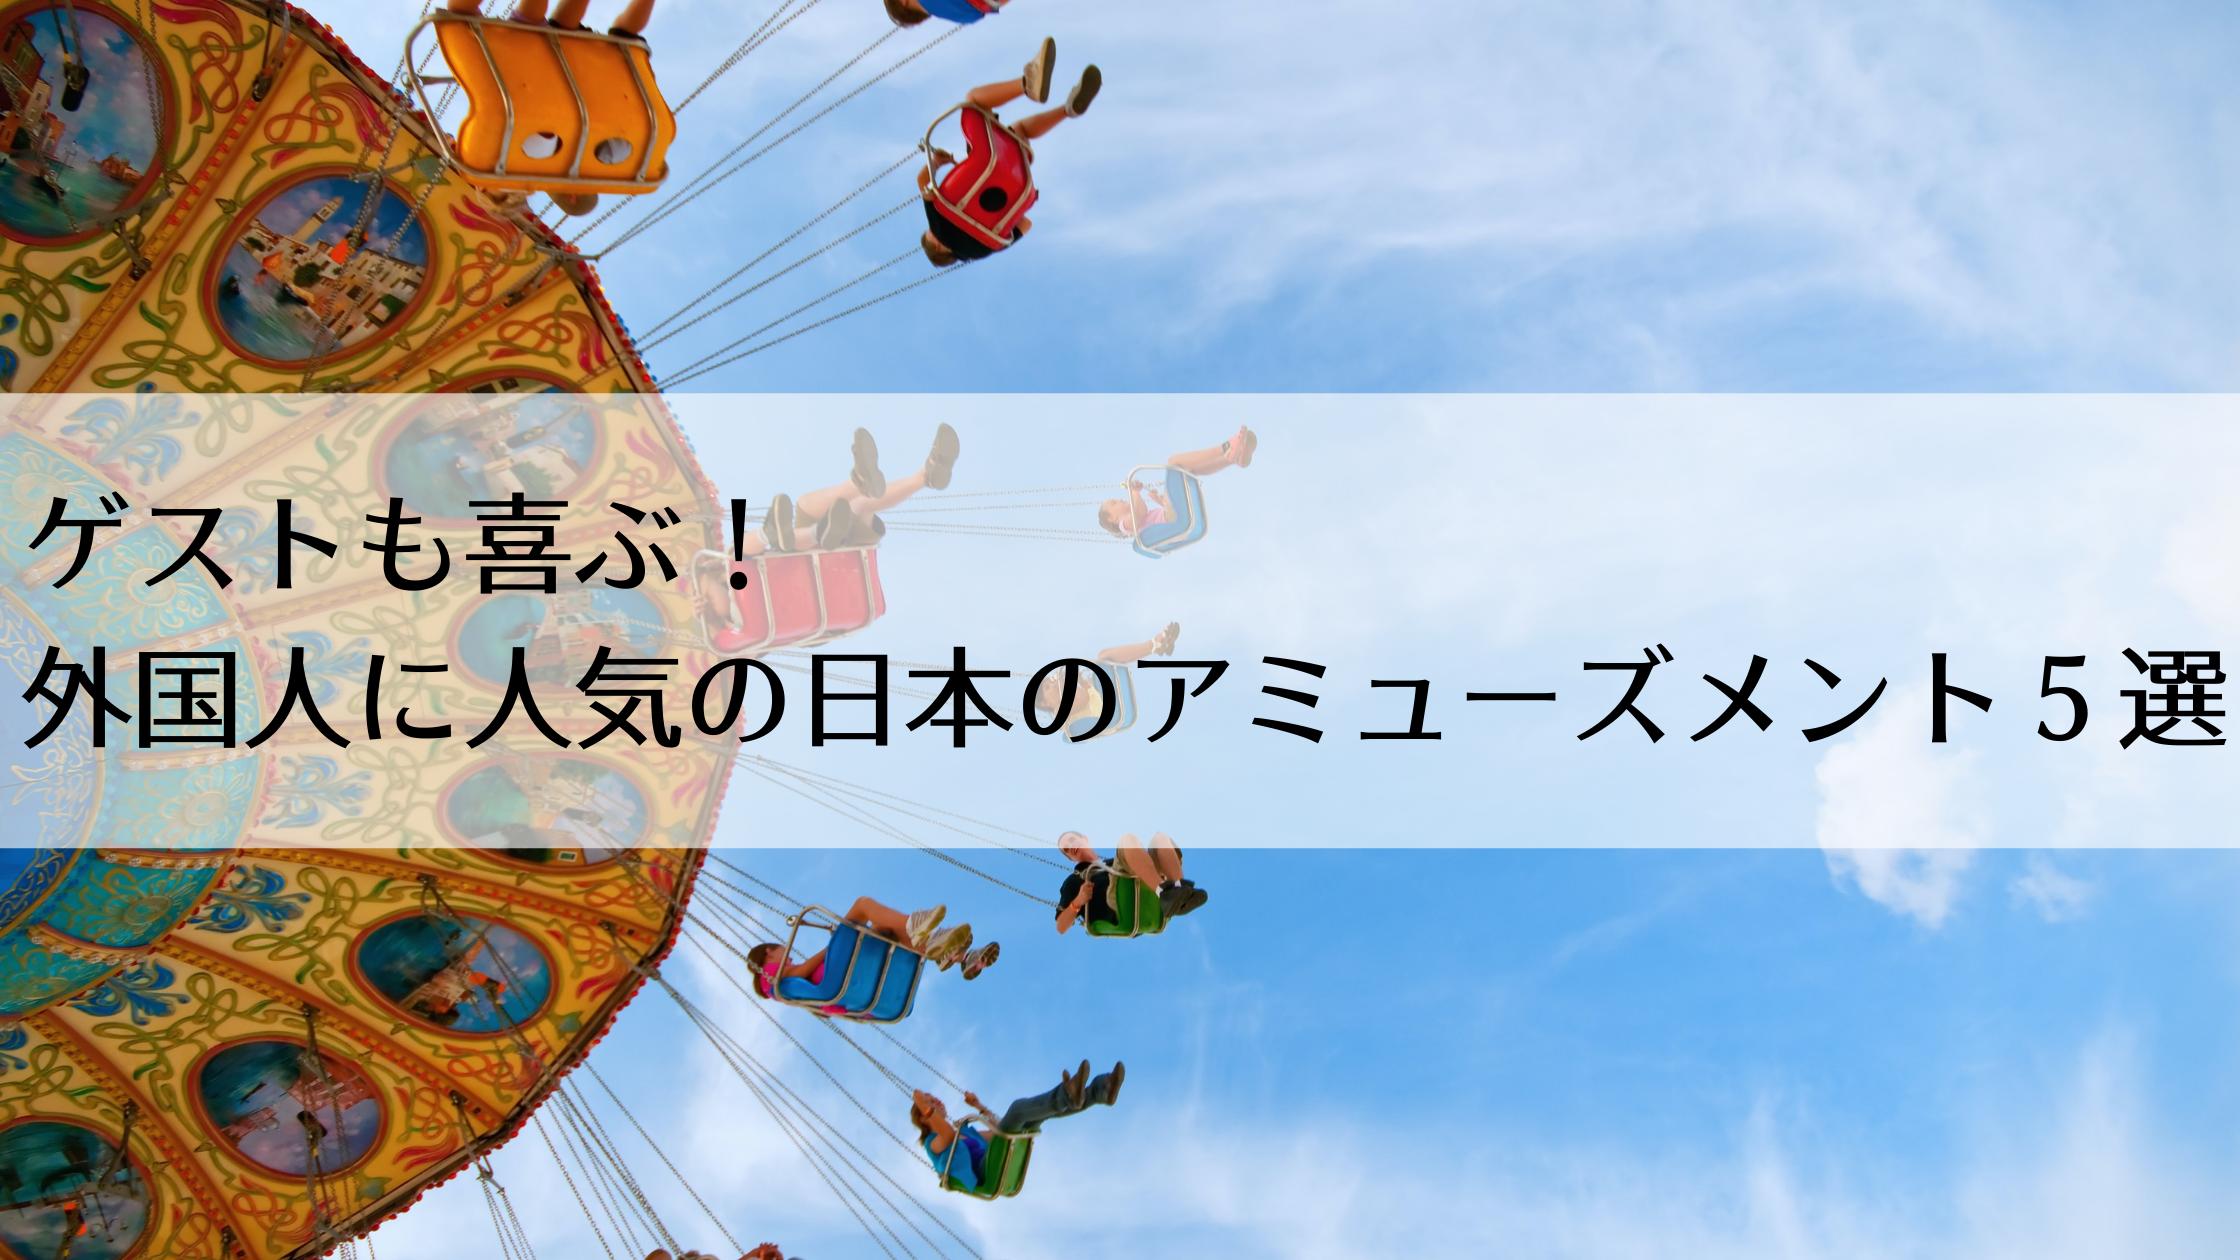 外国人に人気の日本のアミューズメント